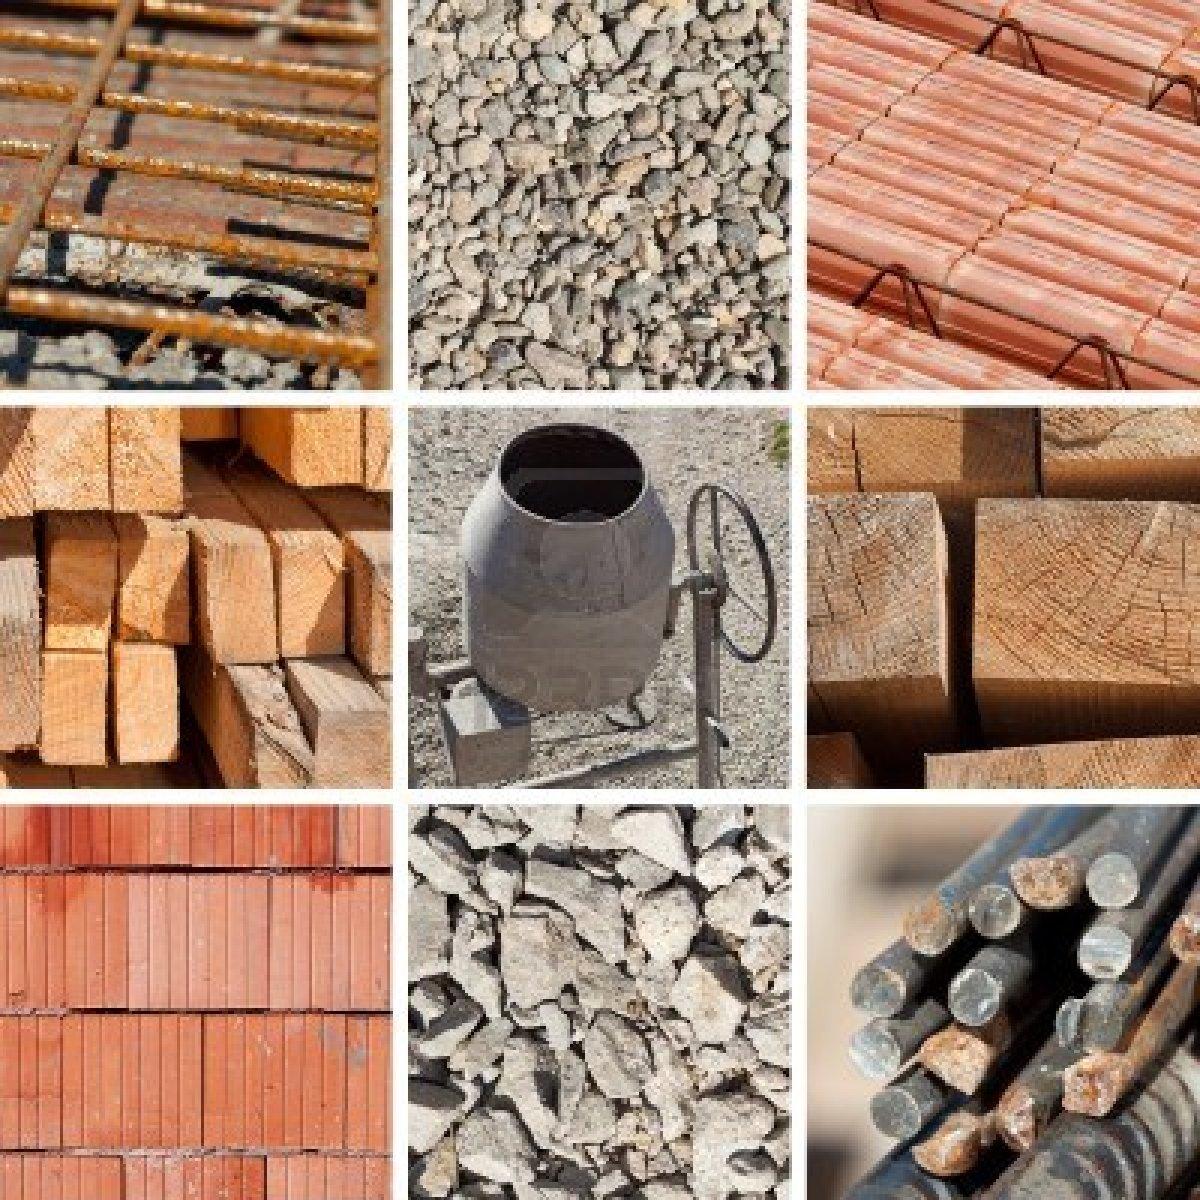 Materiales de construcci n pozuelo de calatrava - Materiales de construccion las palmas ...